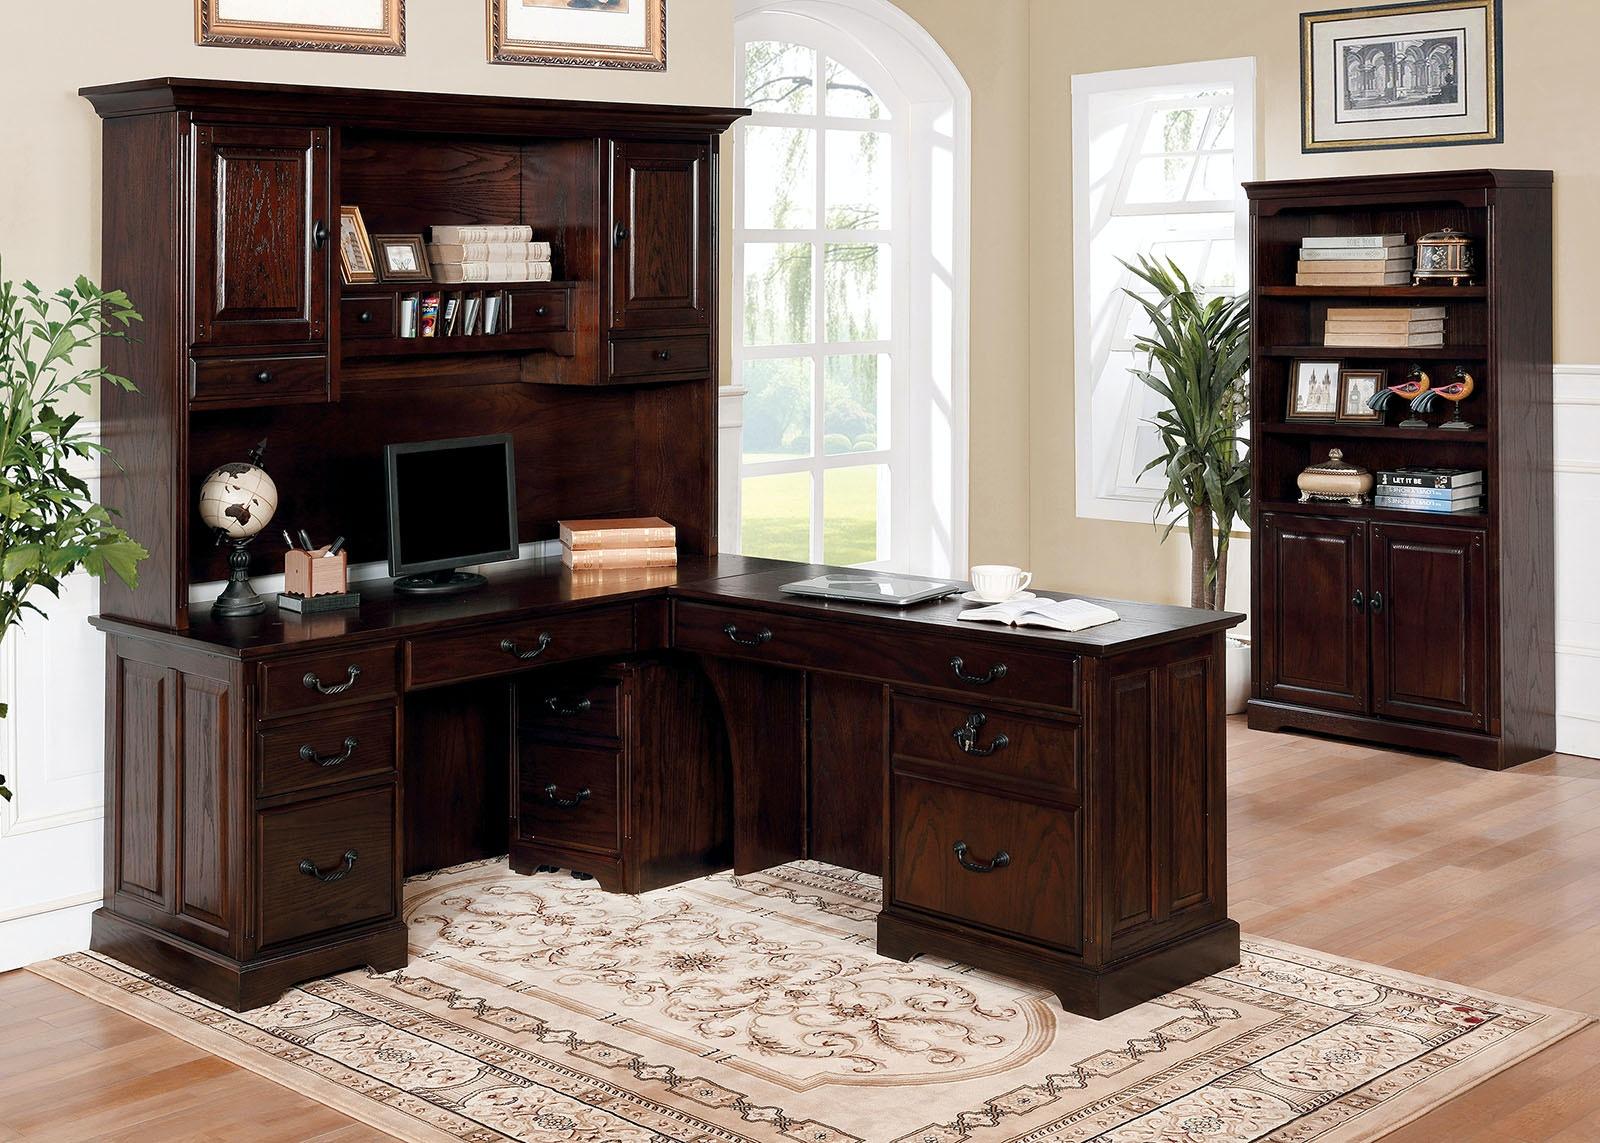 Superb Furniture Of America Home Office Corner Desk Hutch CM DK6384CRH At The  Furniture Mall